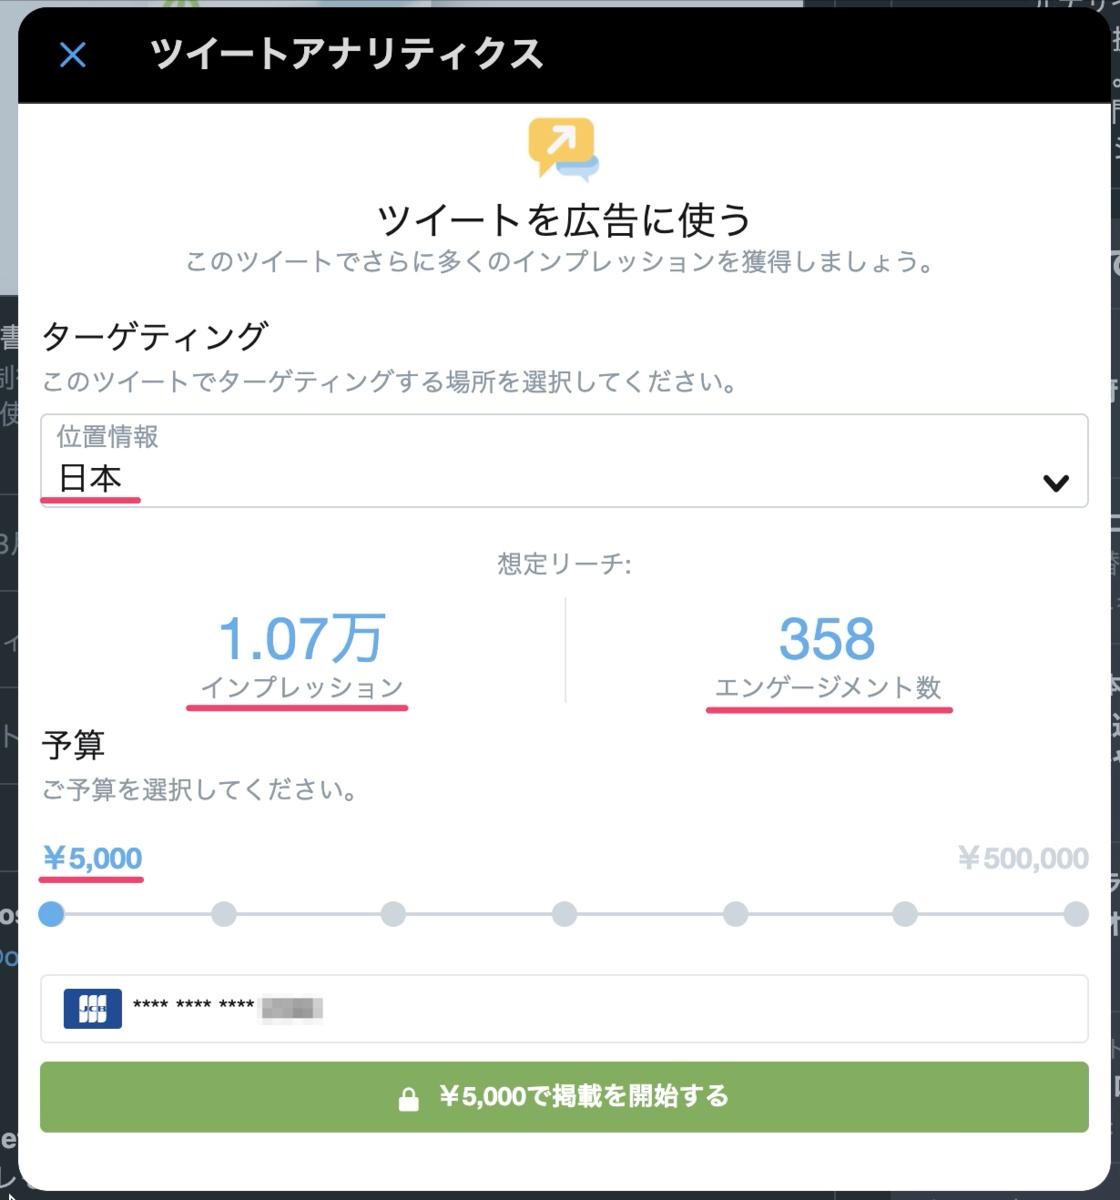 5000円のTwitter広告費を普通に回収した話_10